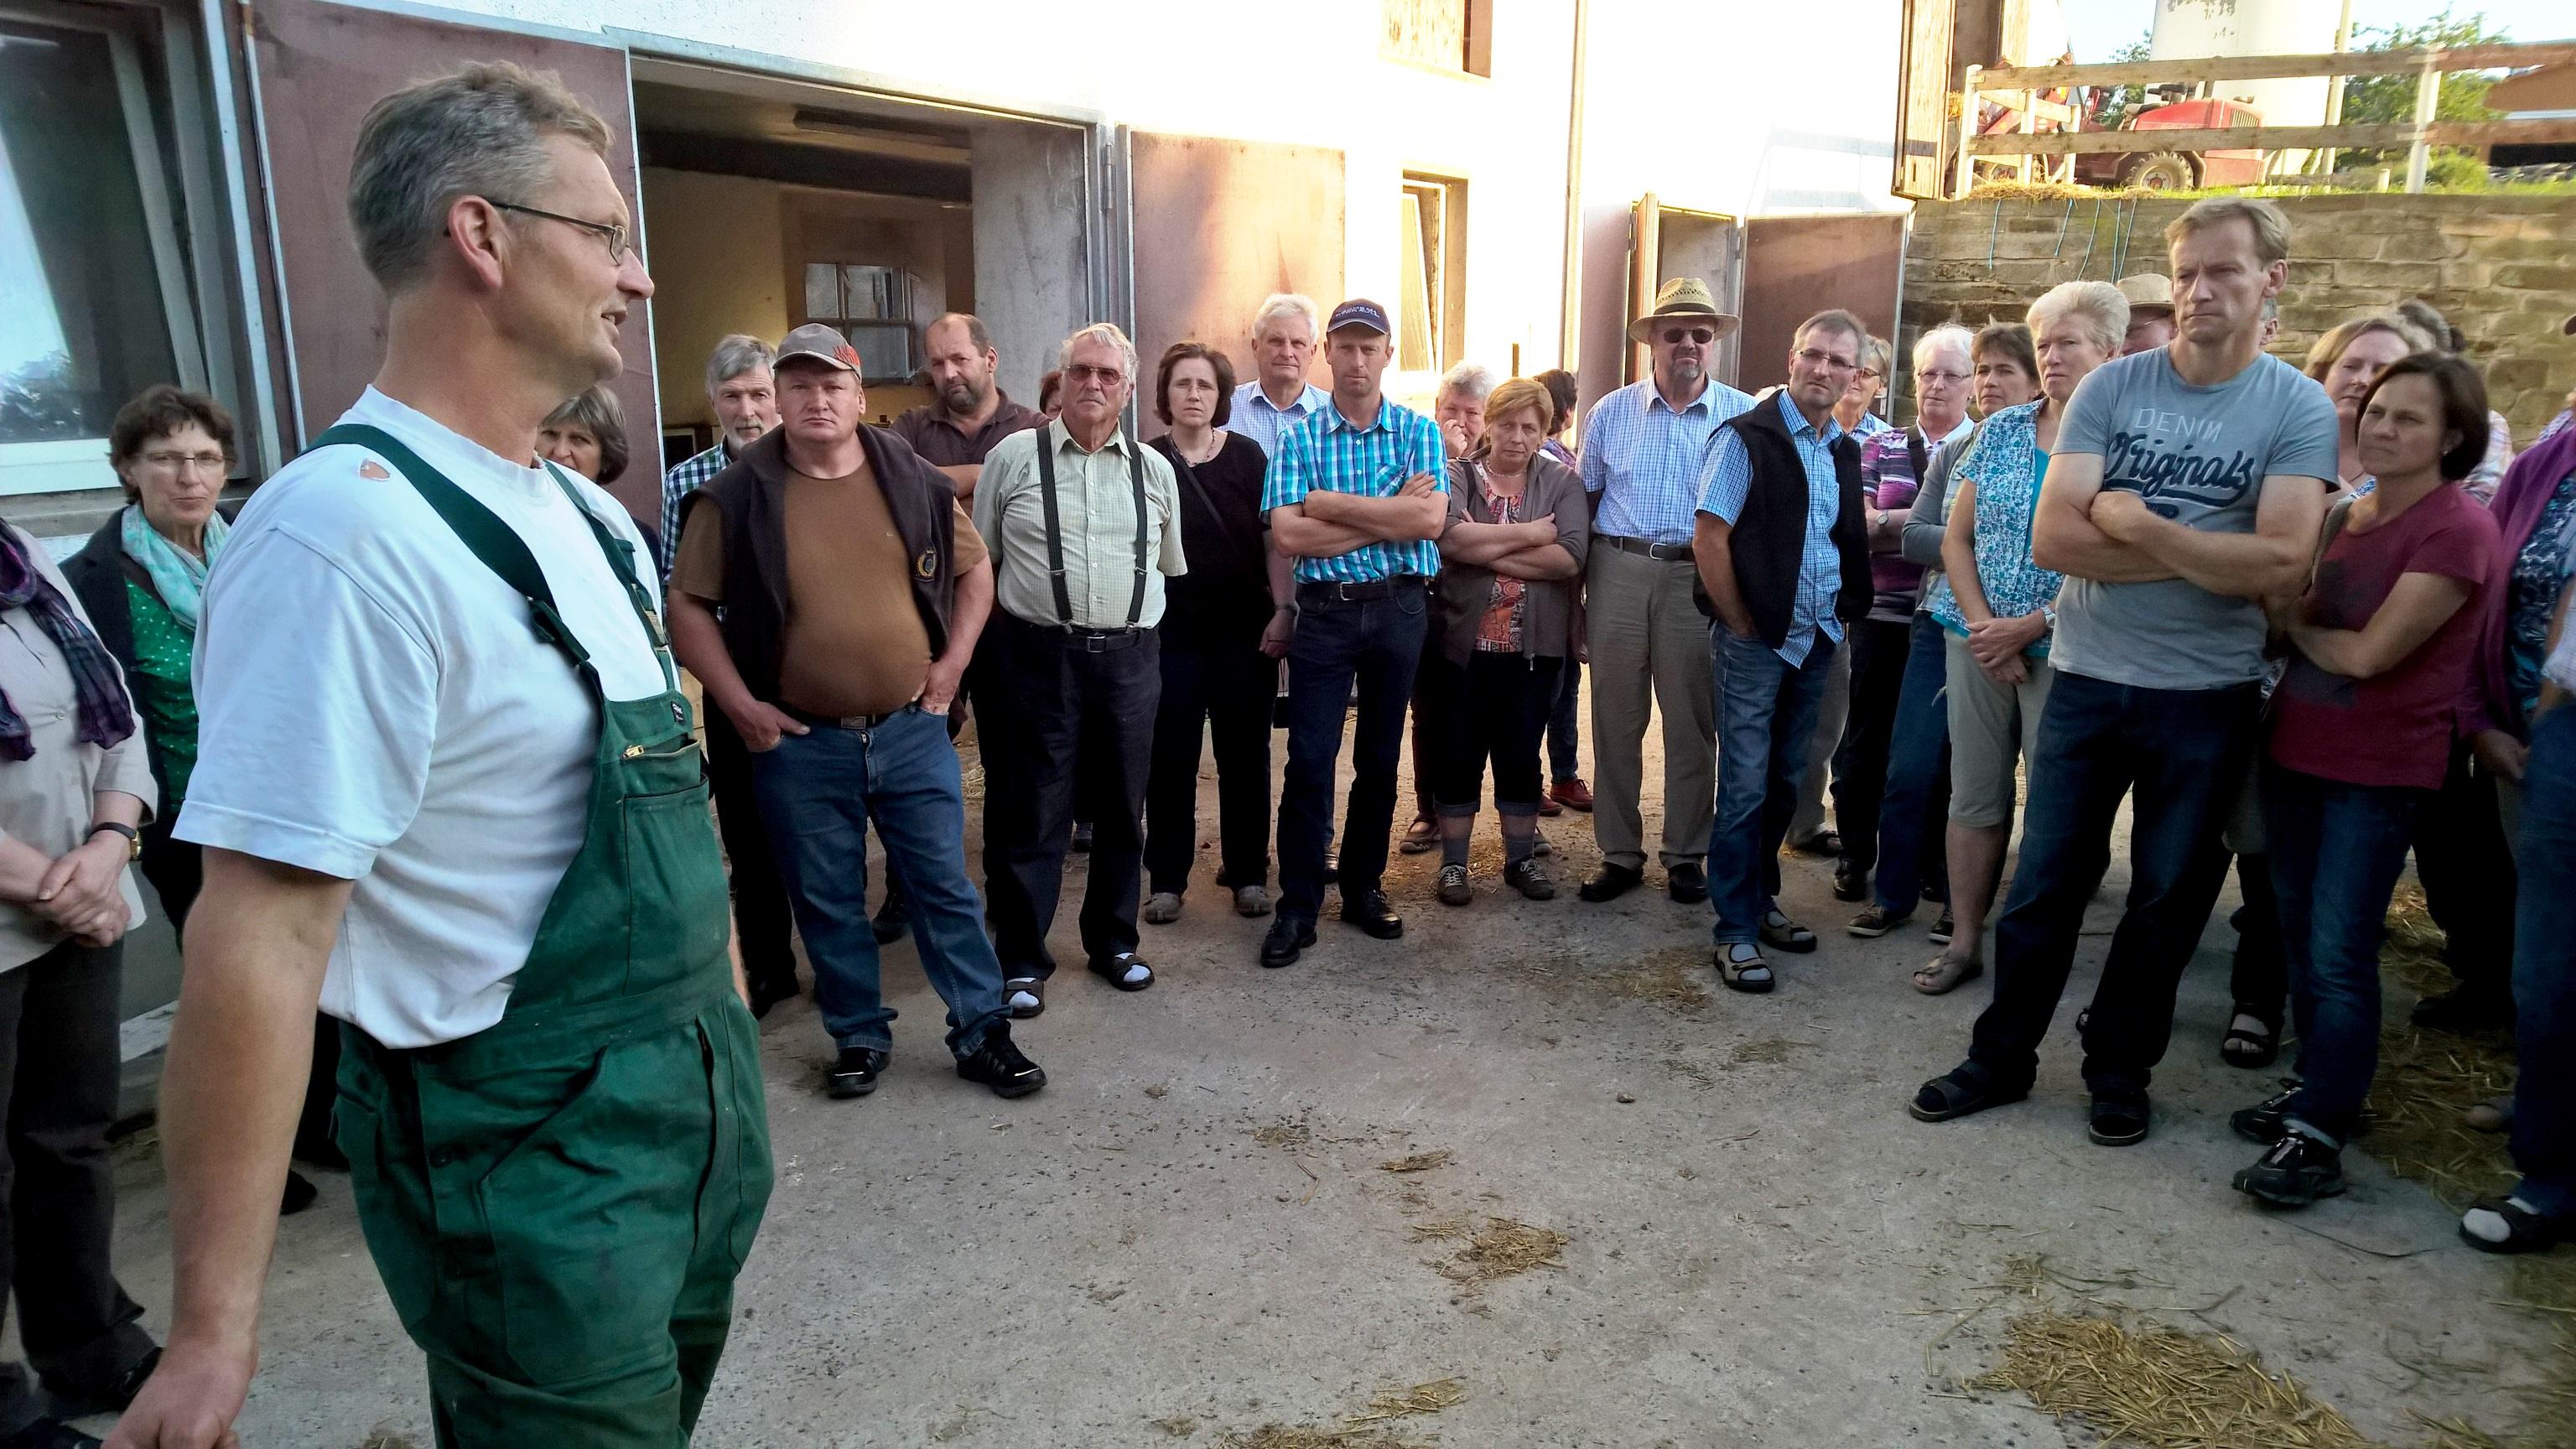 vlf Wasserburg: Lehrfahrt nach Sachsen